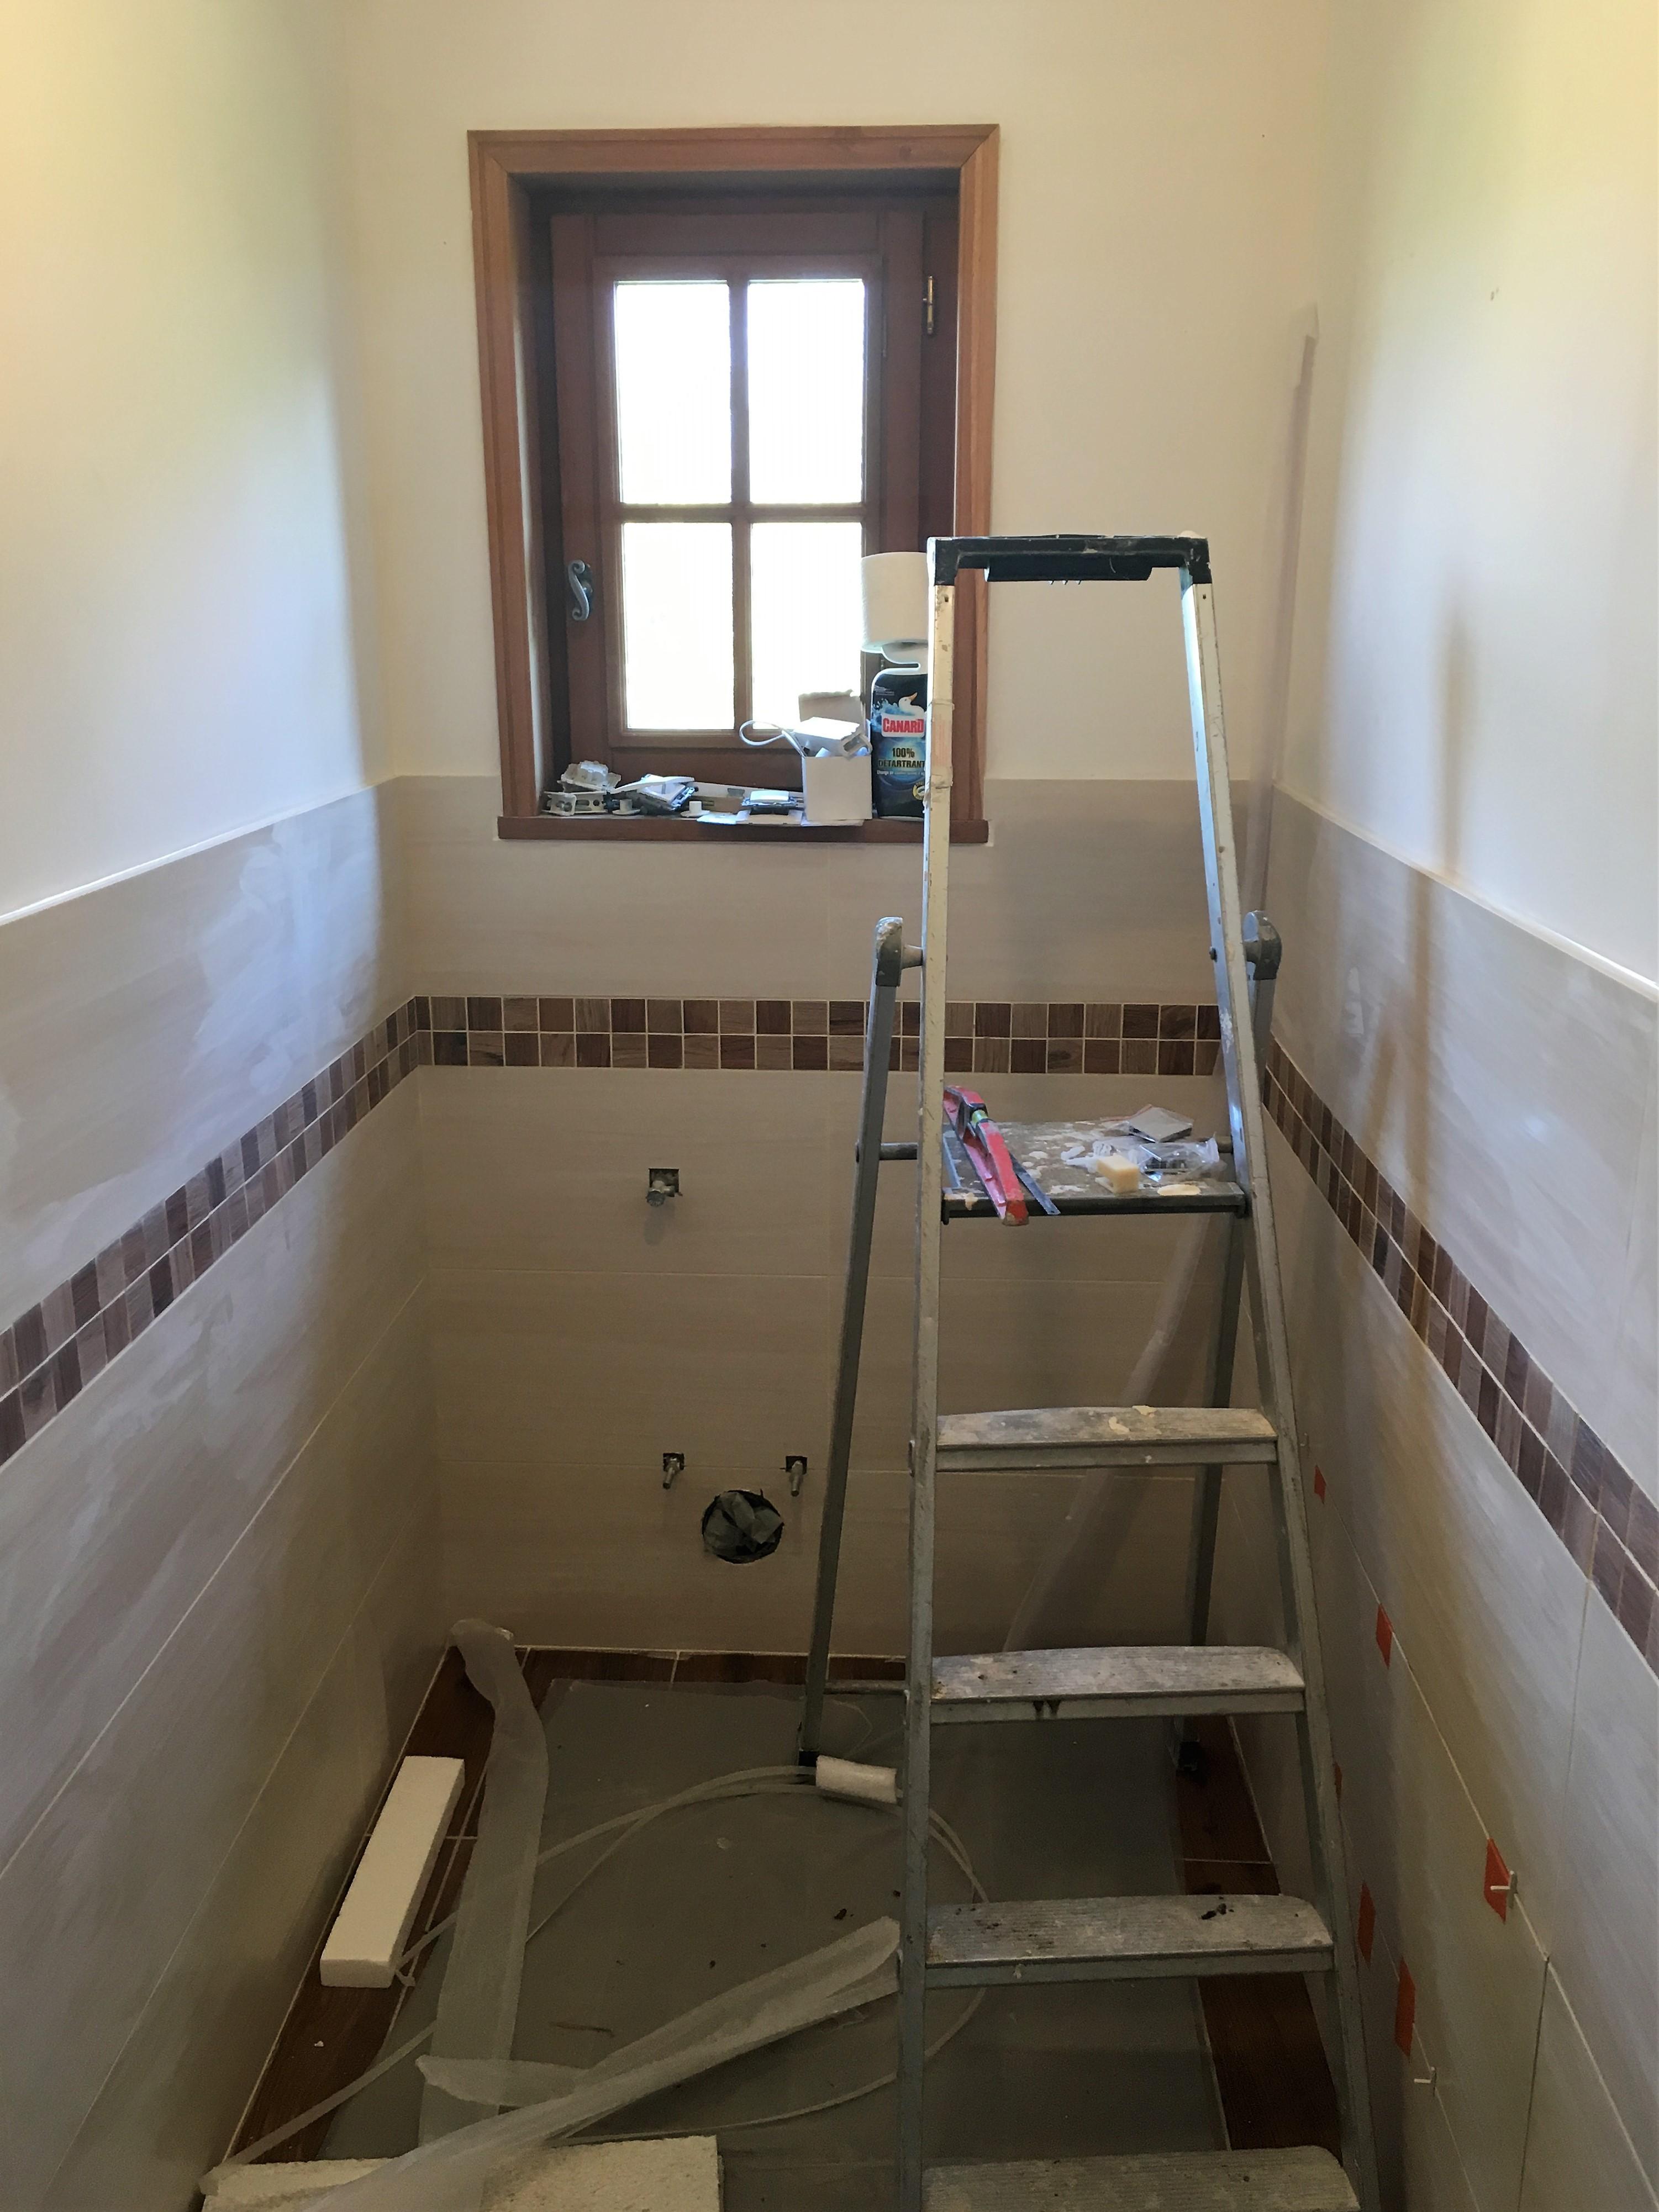 Création d'une pièce d'eau et rénovation complète d'une salle de bain - 14130 BONNEVILLE LA LOUVET